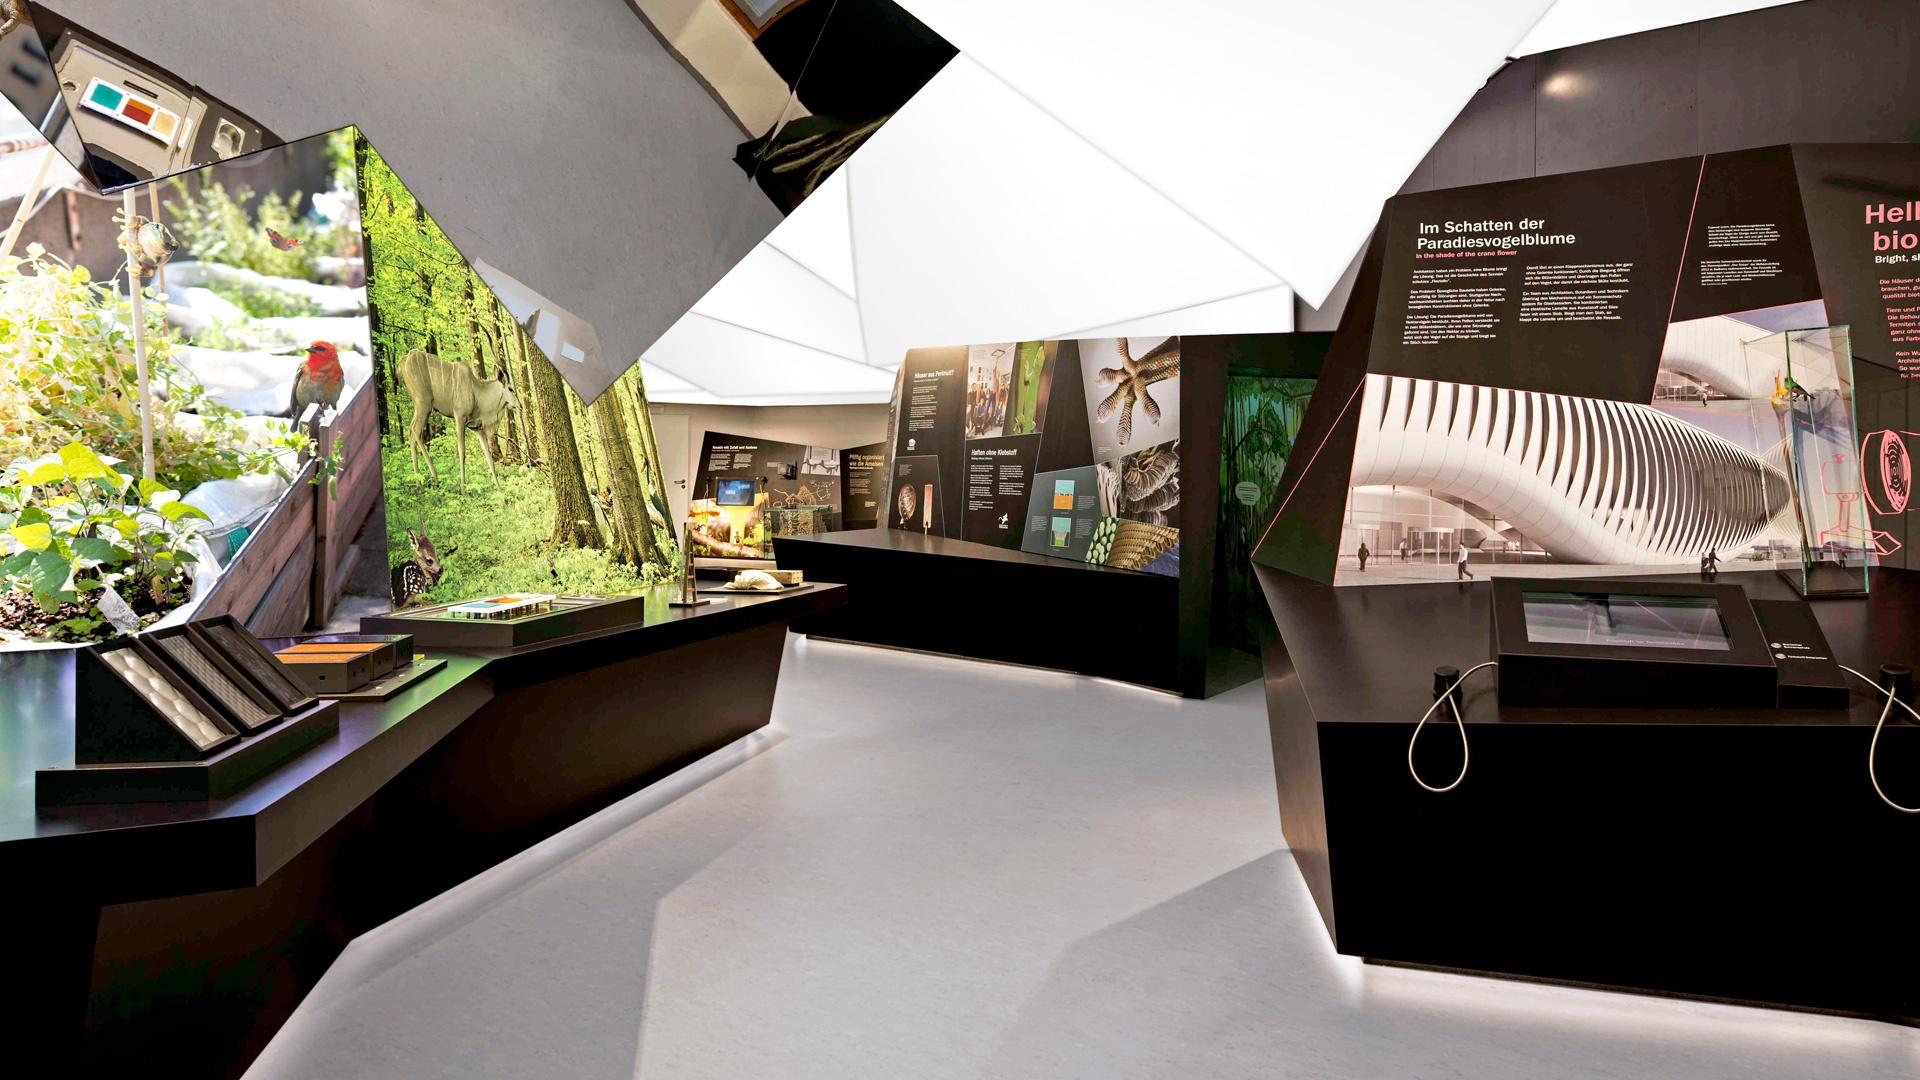 Raumkonzept Ausstellung Bionicum